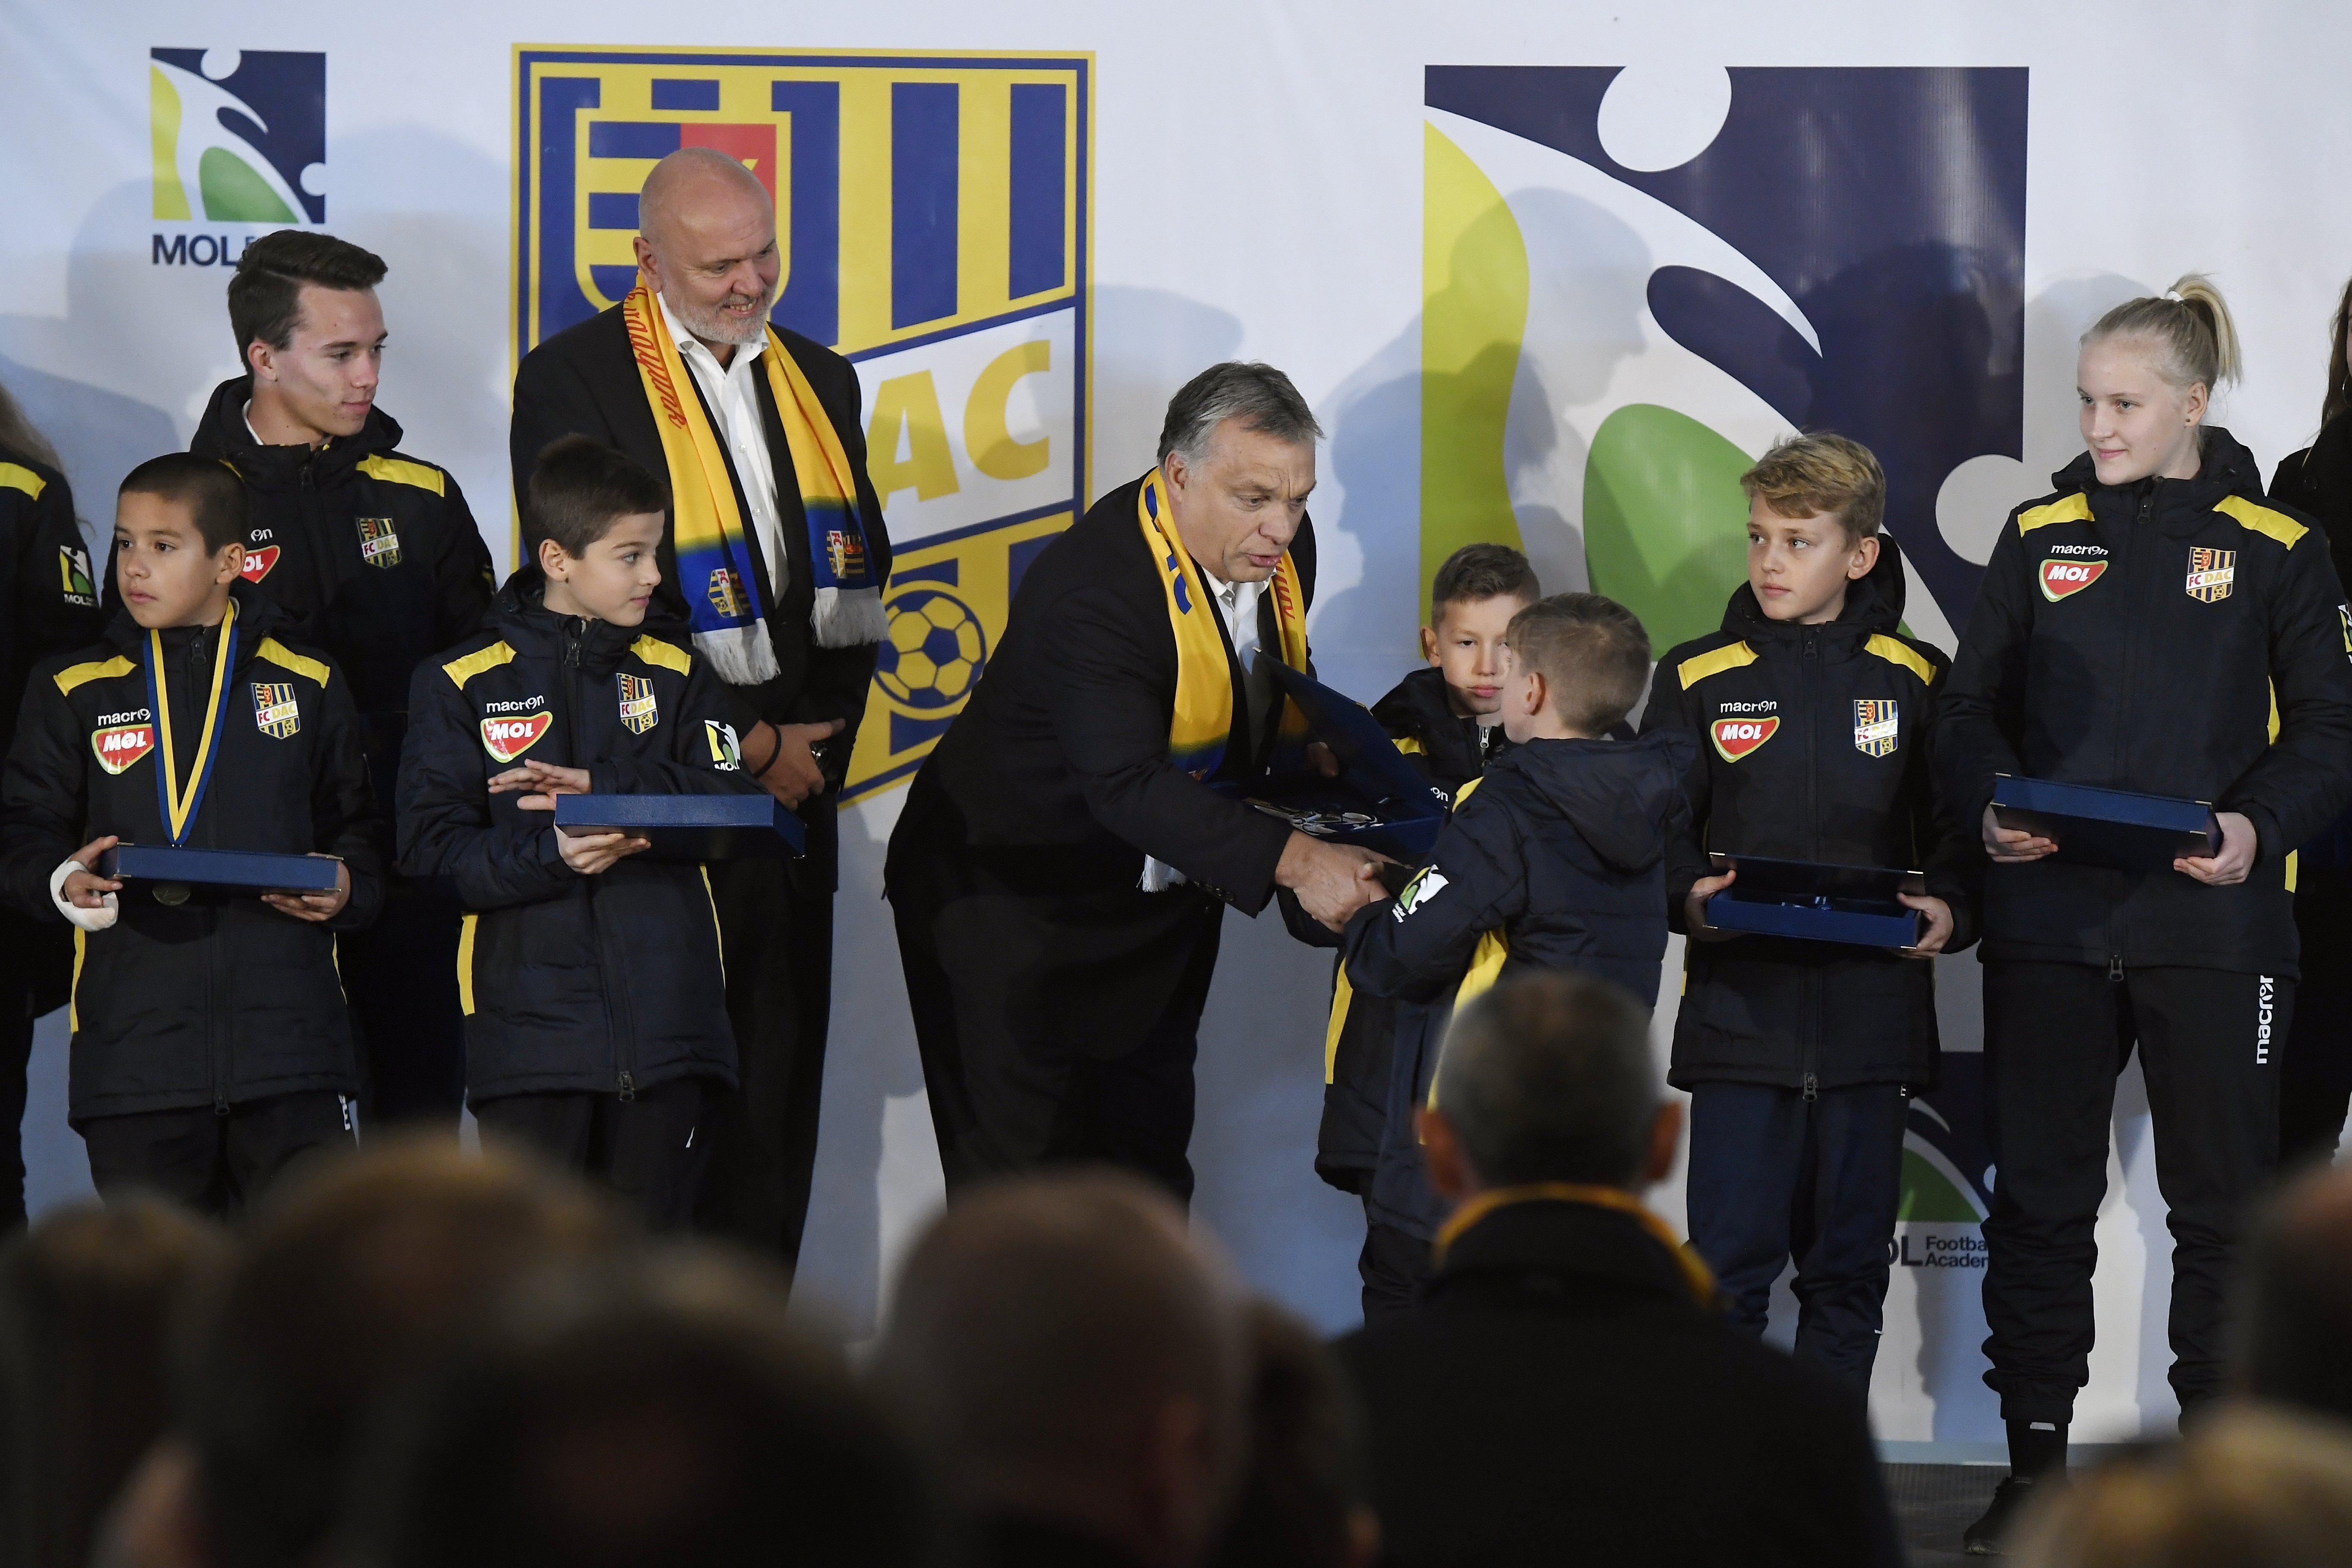 Kilenc határon túli fociakadémiát támogat a kormány